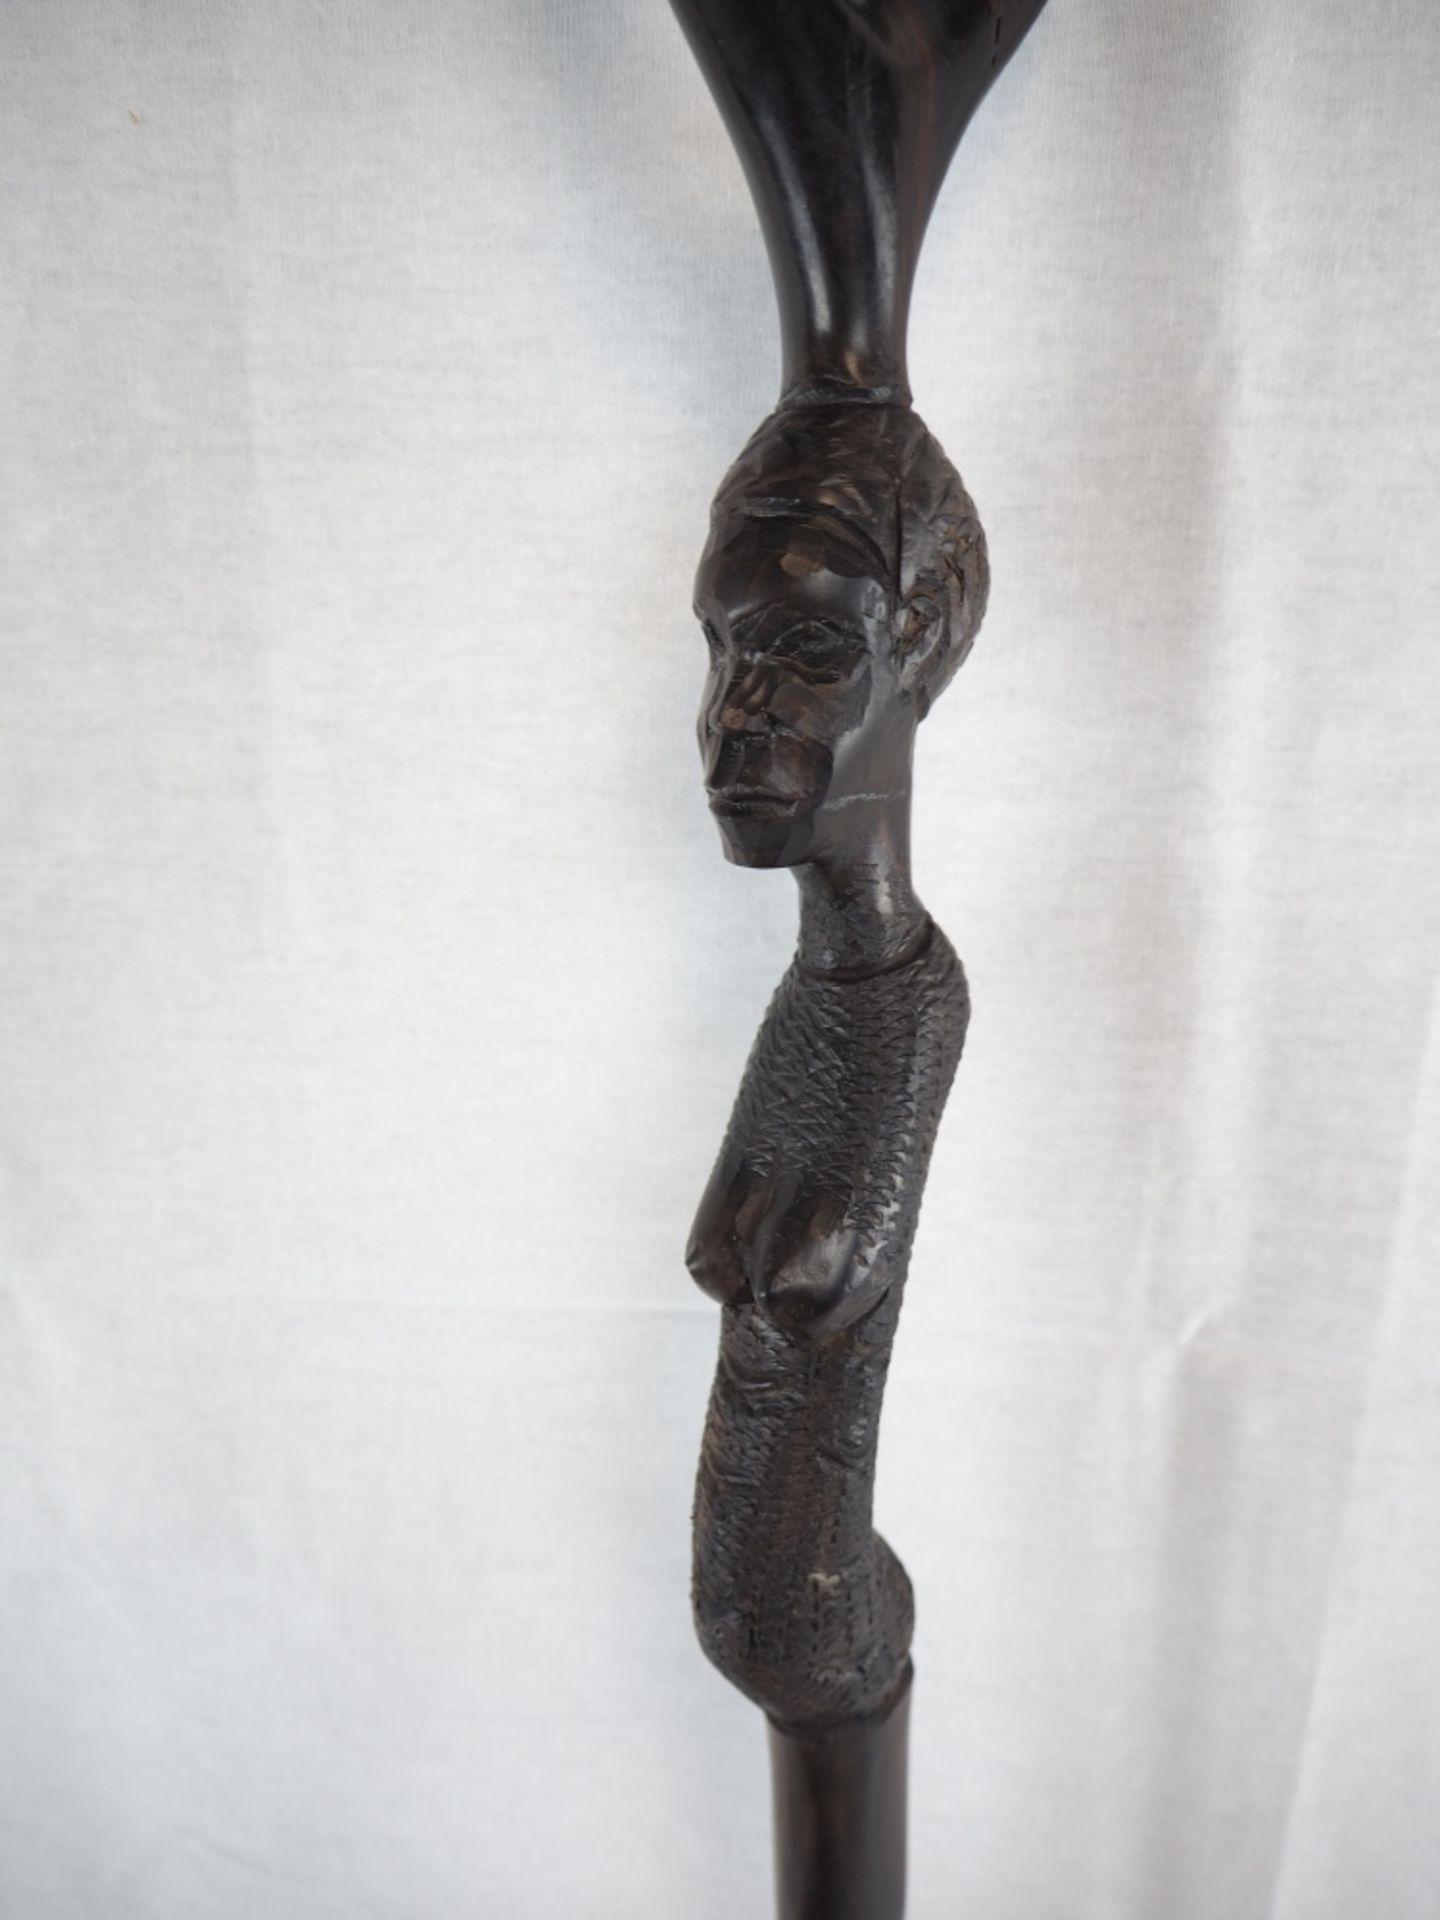 Los 376 - Spazierstock Ebenholz, um 1900Kunstvoll hergestellter Gehstock, wohl Afrika um 1900. Aus Ebenholz...